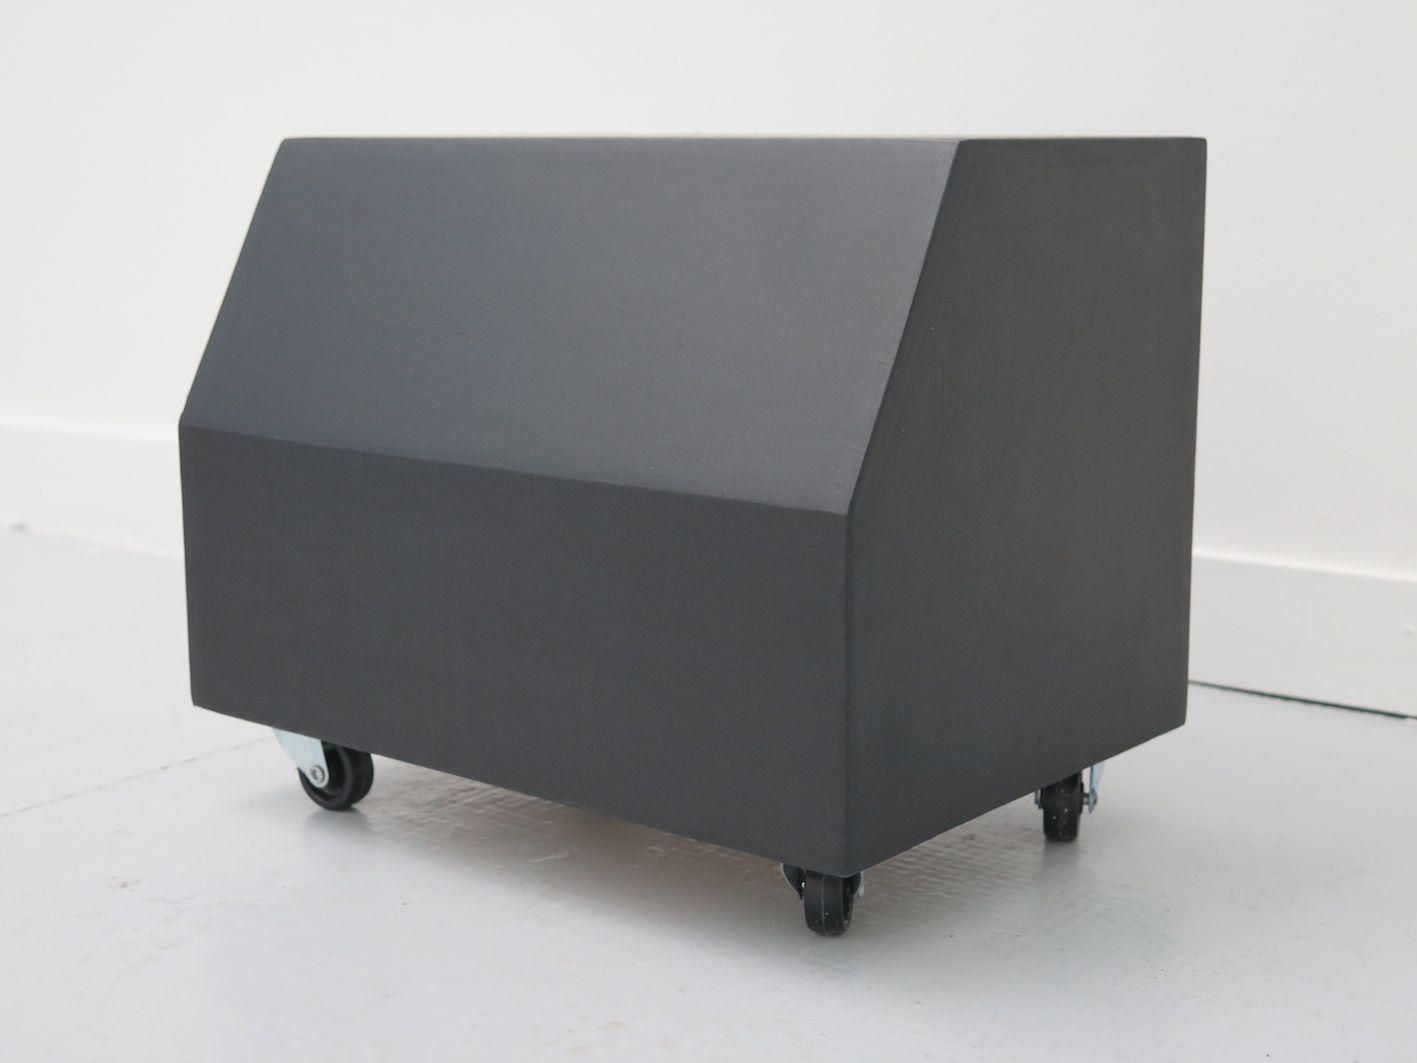 gilles-elie-atelier-mobile-2-2016-bois-peinture-acrylique-roulettes-25x60x25-cm-4116b3e616be24308b9c4d7082856f31